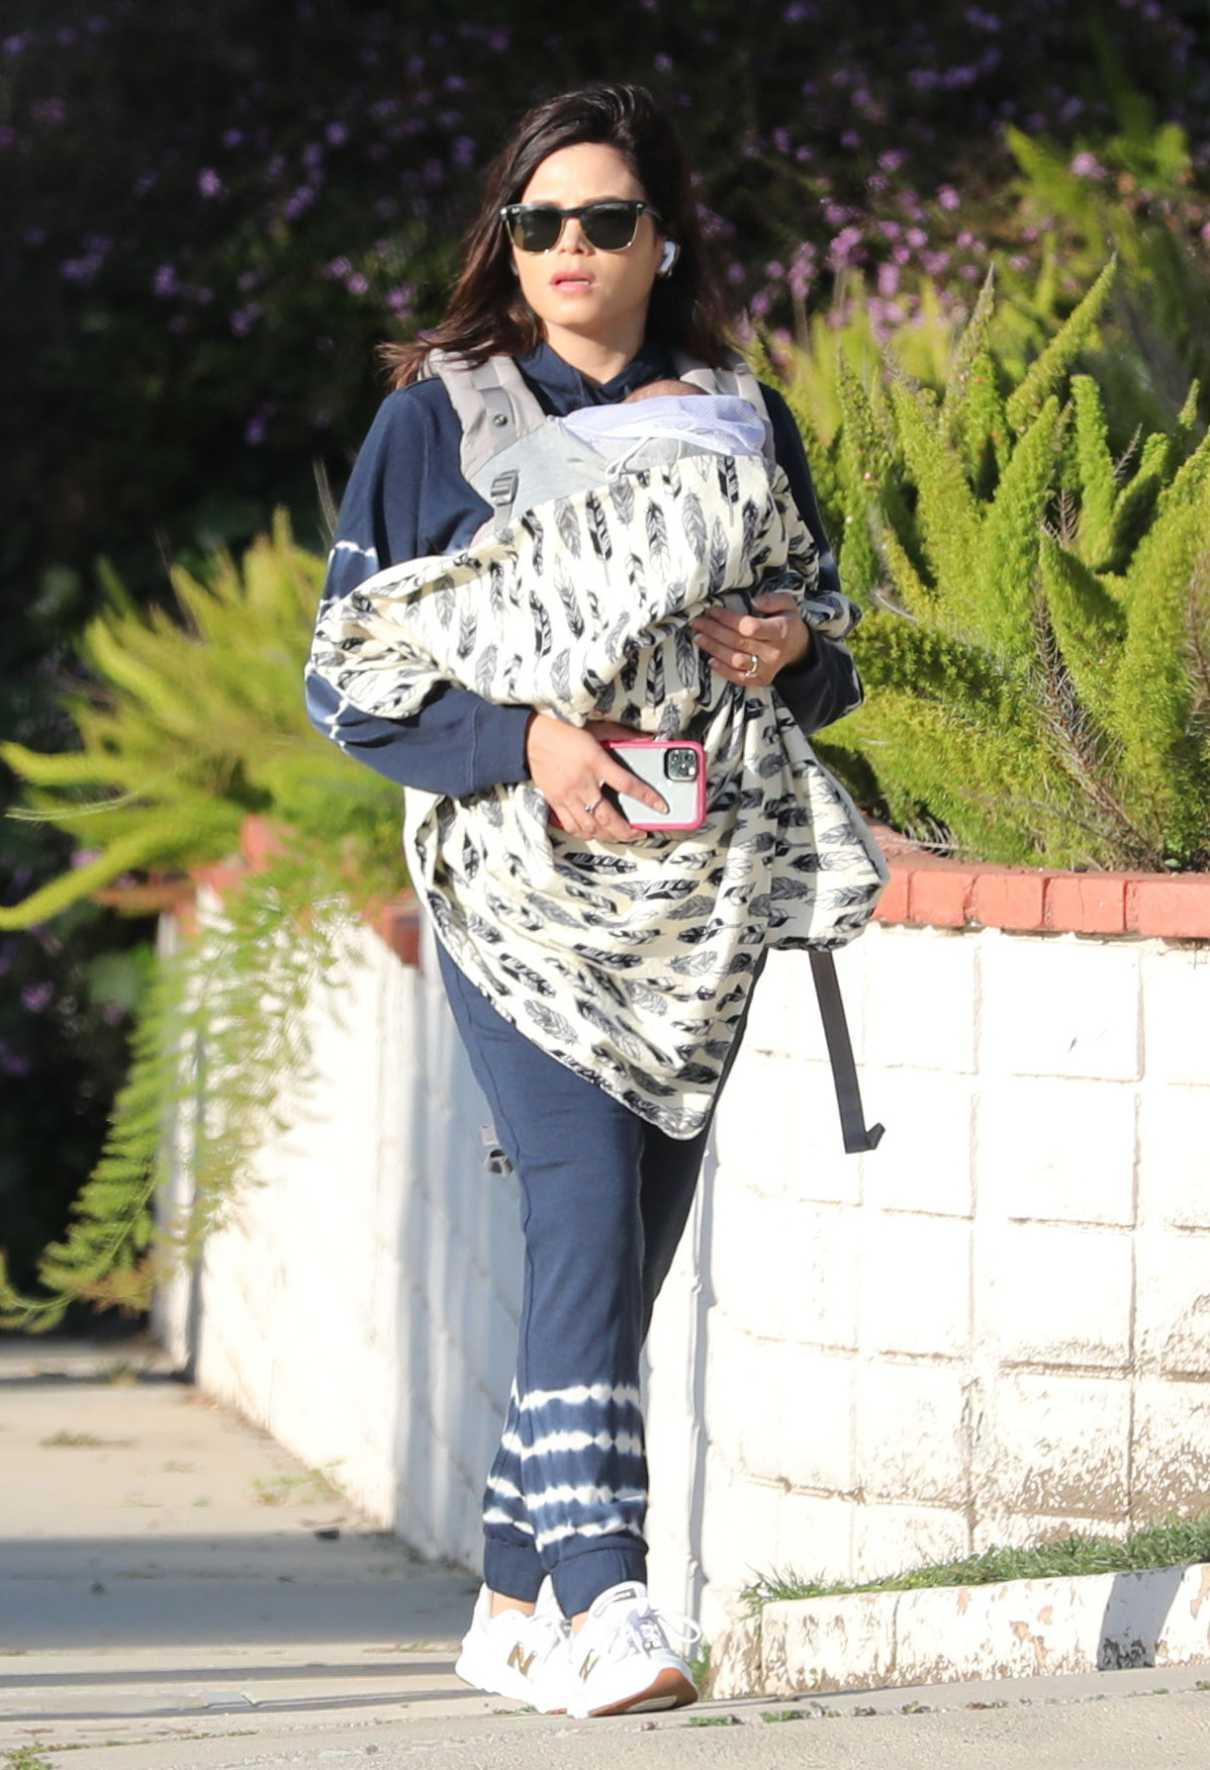 Jenna Dewan in a White Sneakers